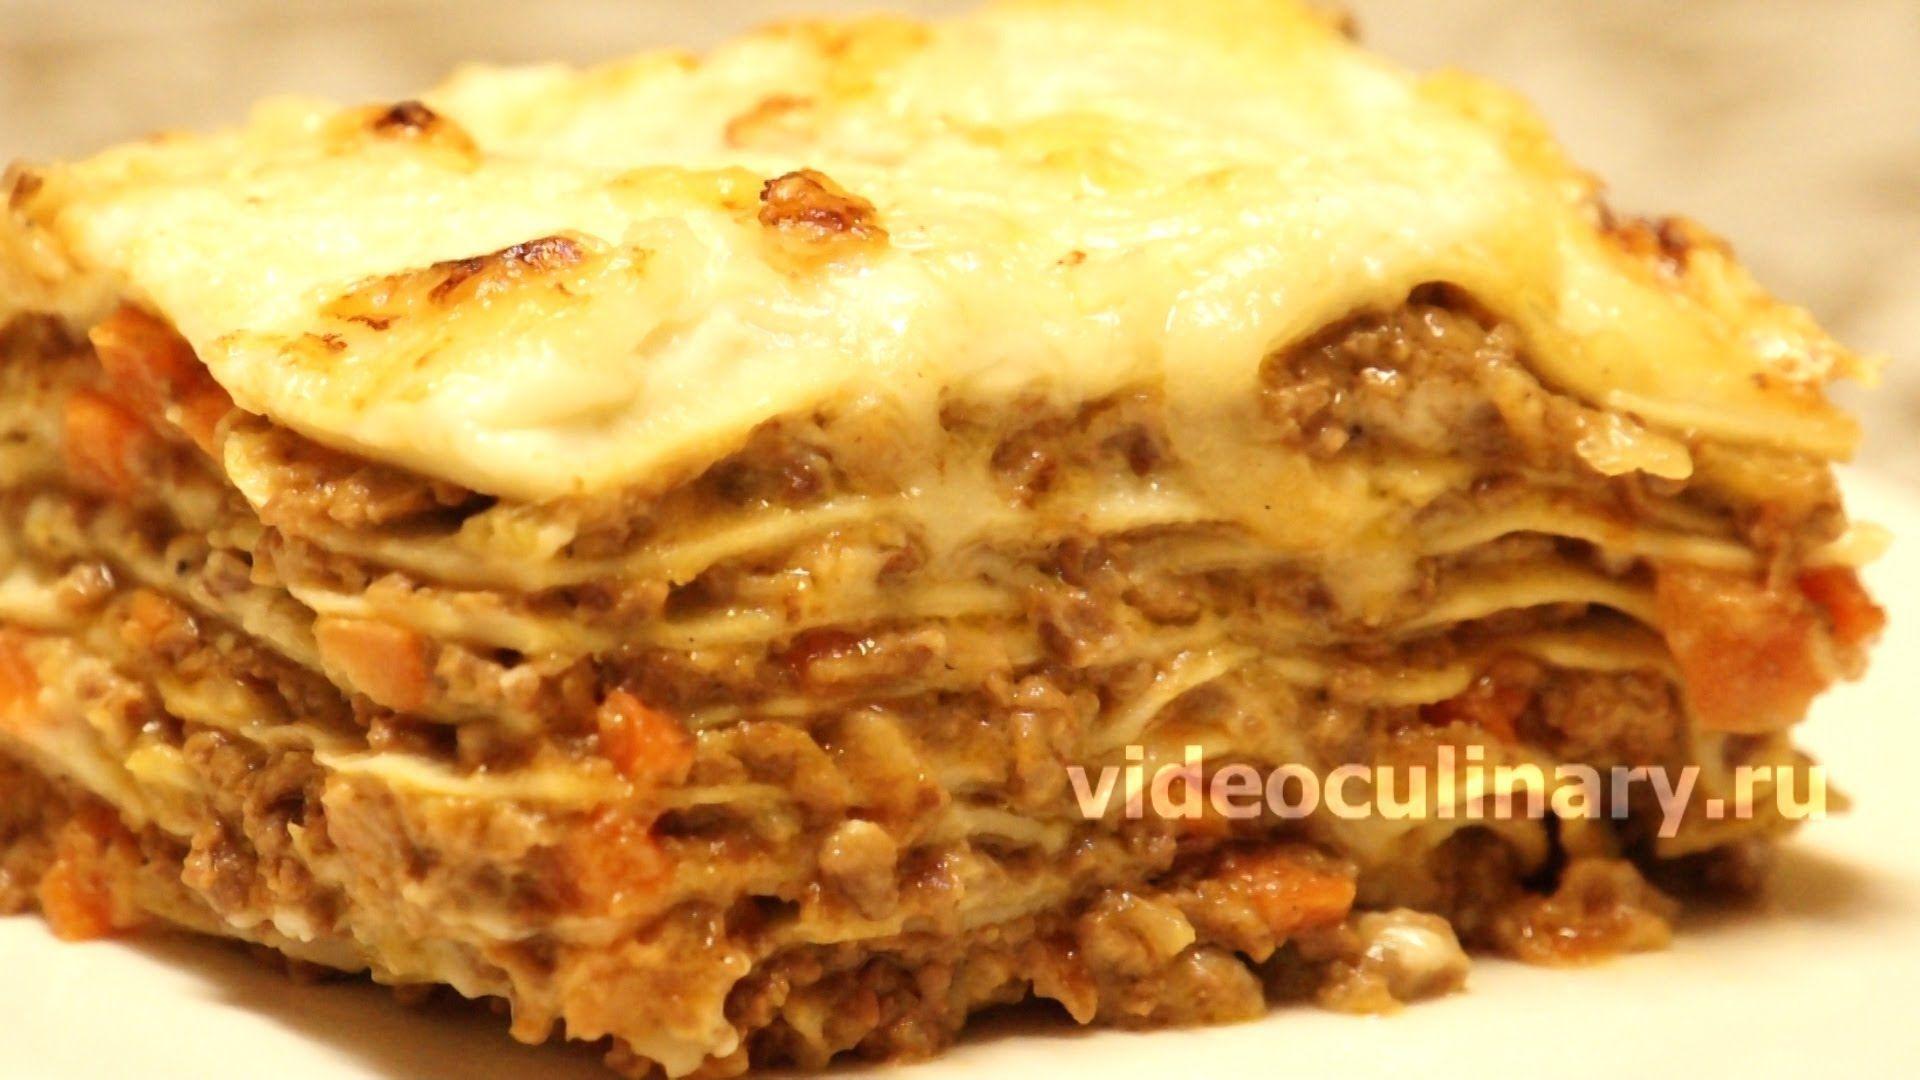 Лазанья с мясом и грибами рецепт с фото пошаговый Едим